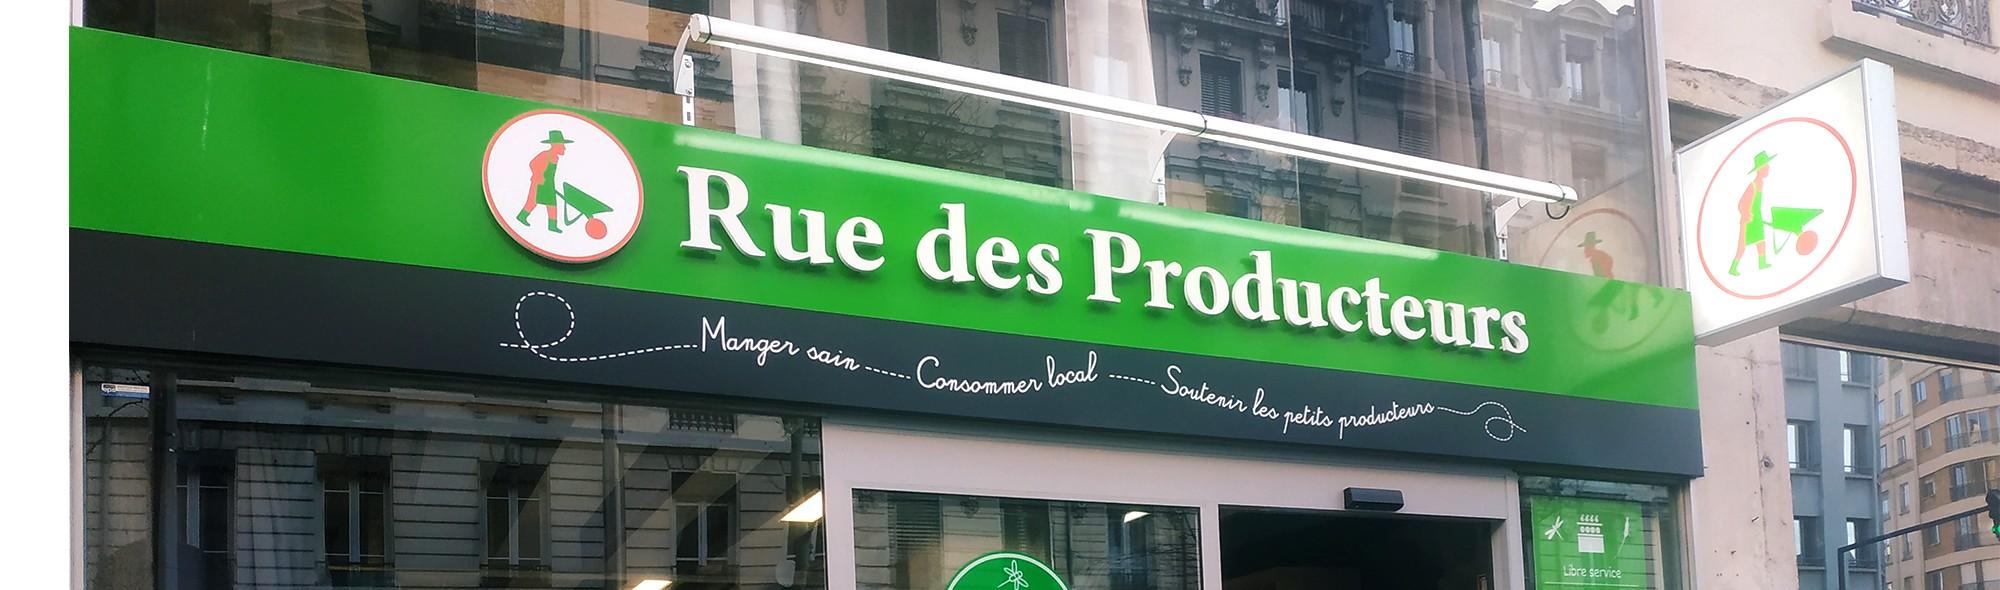 Vos magasins de producteurs  en ville